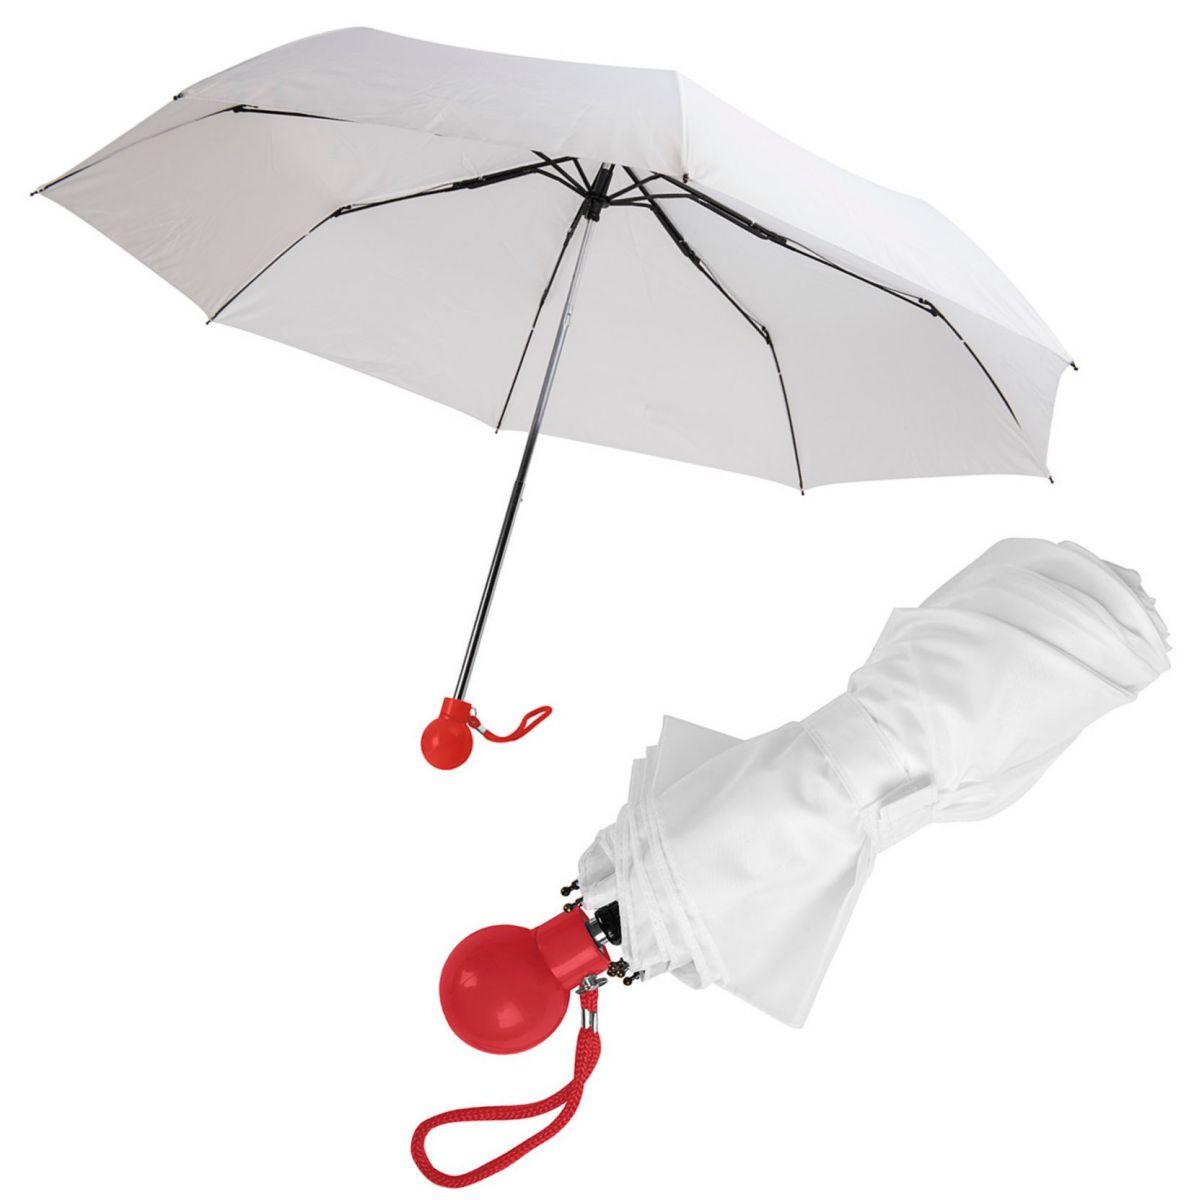 складные зонты оптом с доставкой по России